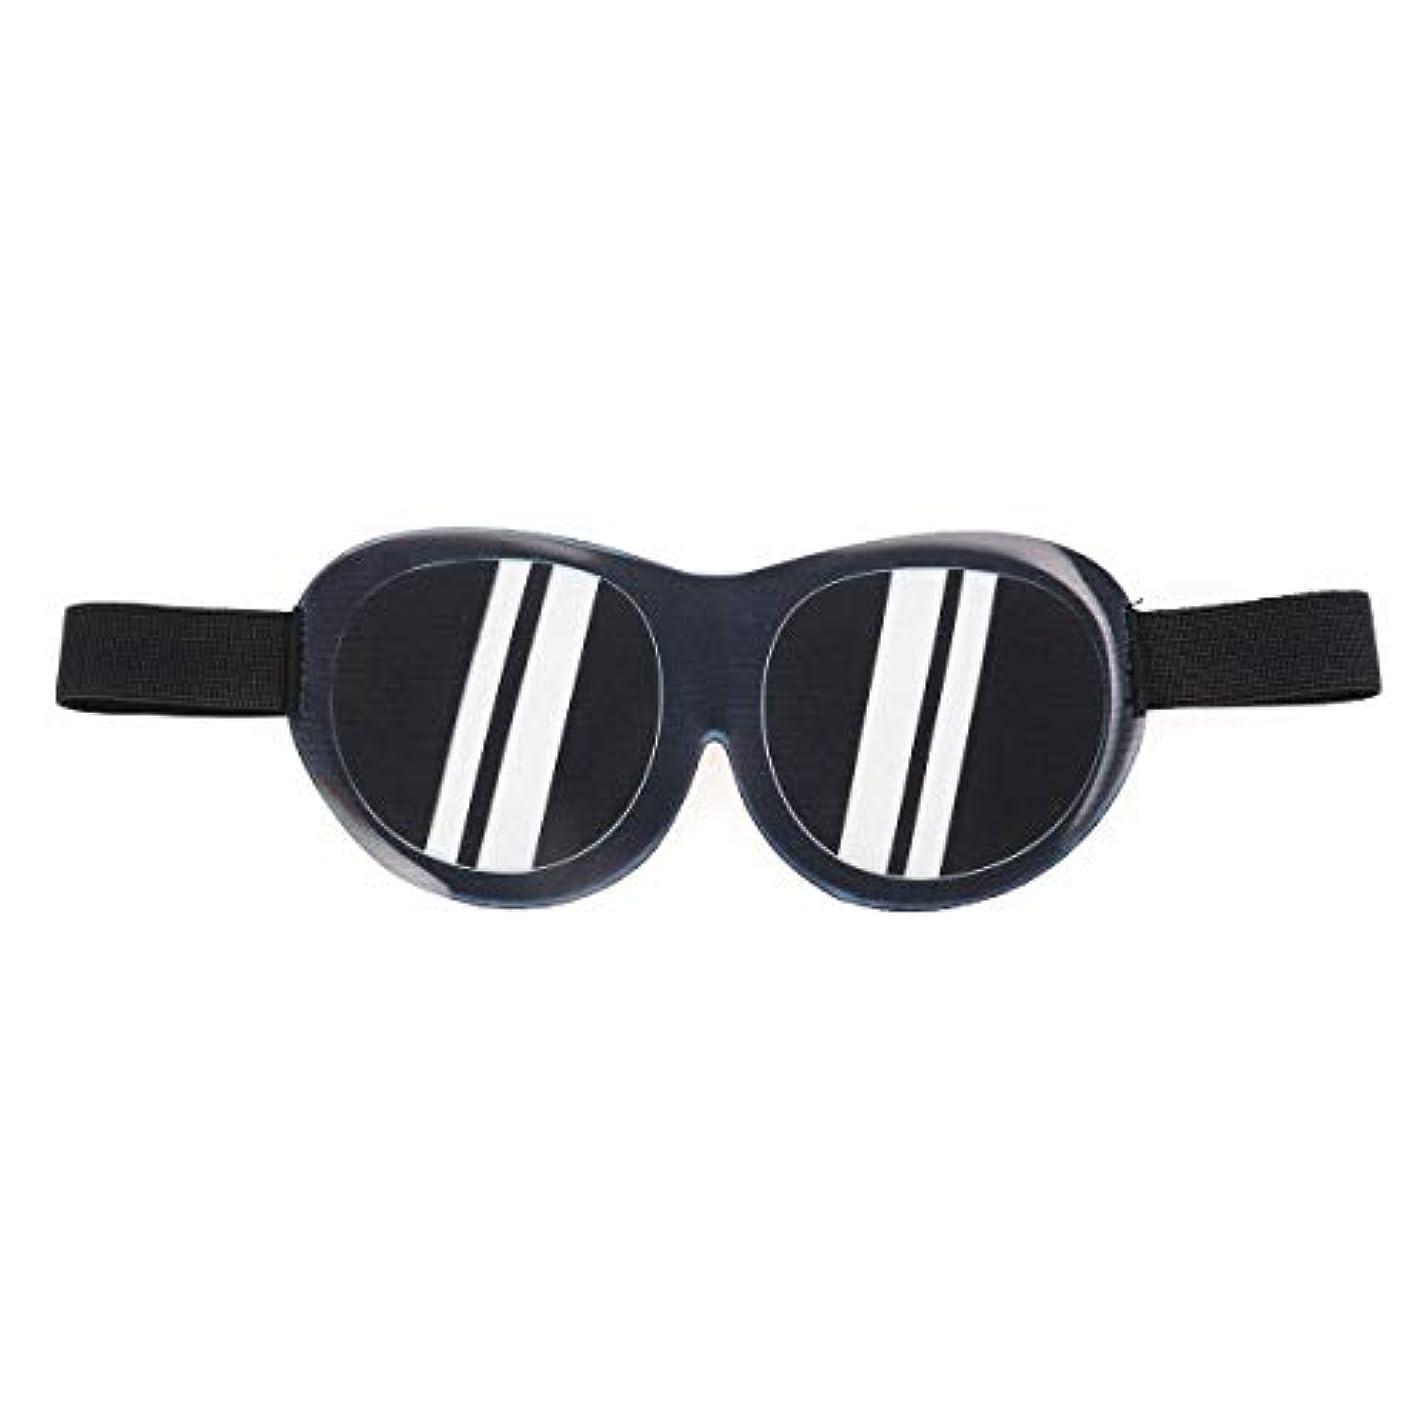 デイジー万一に備えてサバントBeaupretty おかしいアイマスク3Dサングラスアイシェードおかしいなりすましステレオホームスリーパーアイスリープシェード(サングラスを持っているふりをする)